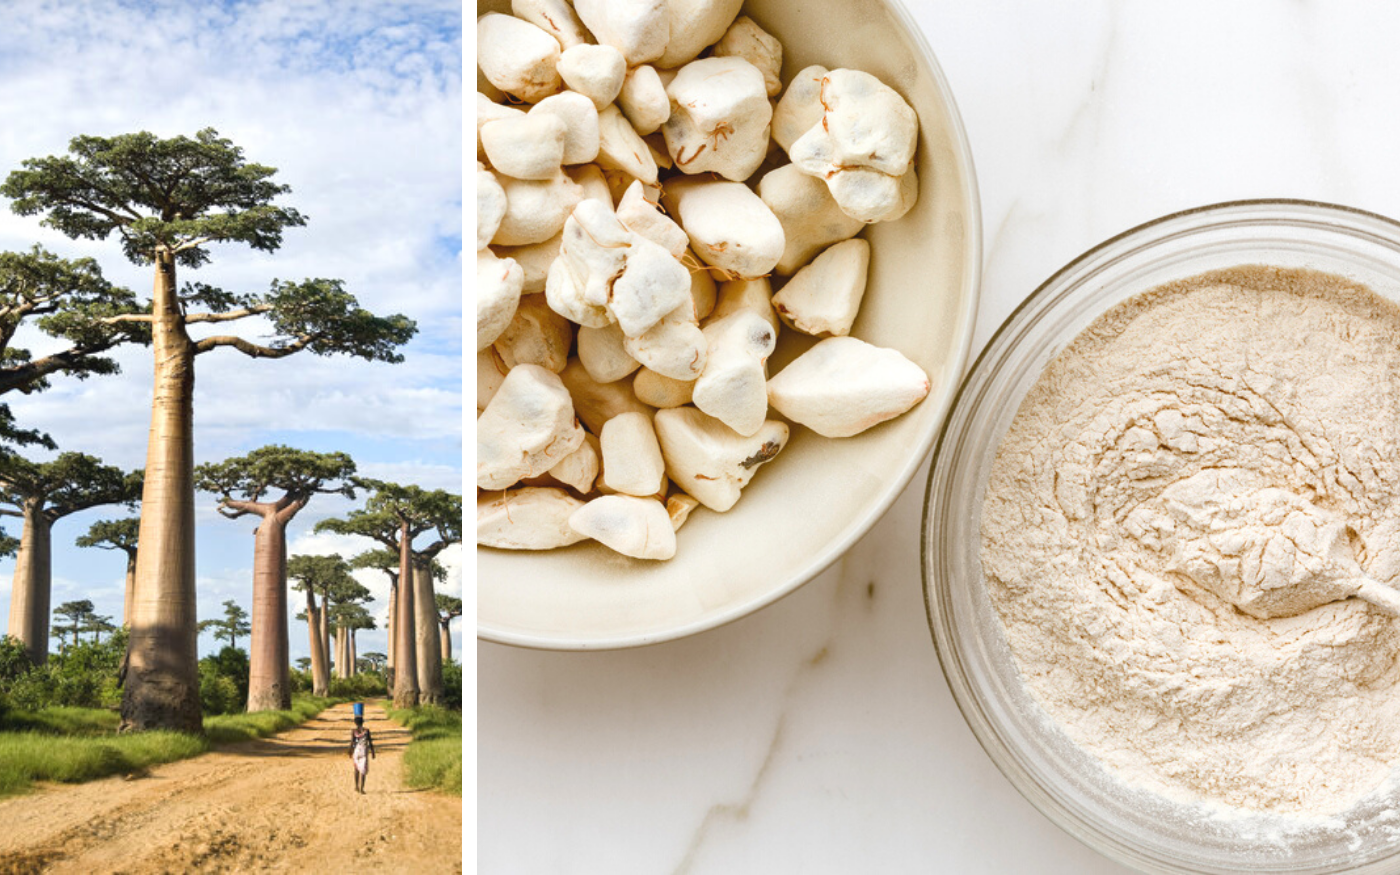 Poznáte baobab? Je právom radený medzi superpotraviny